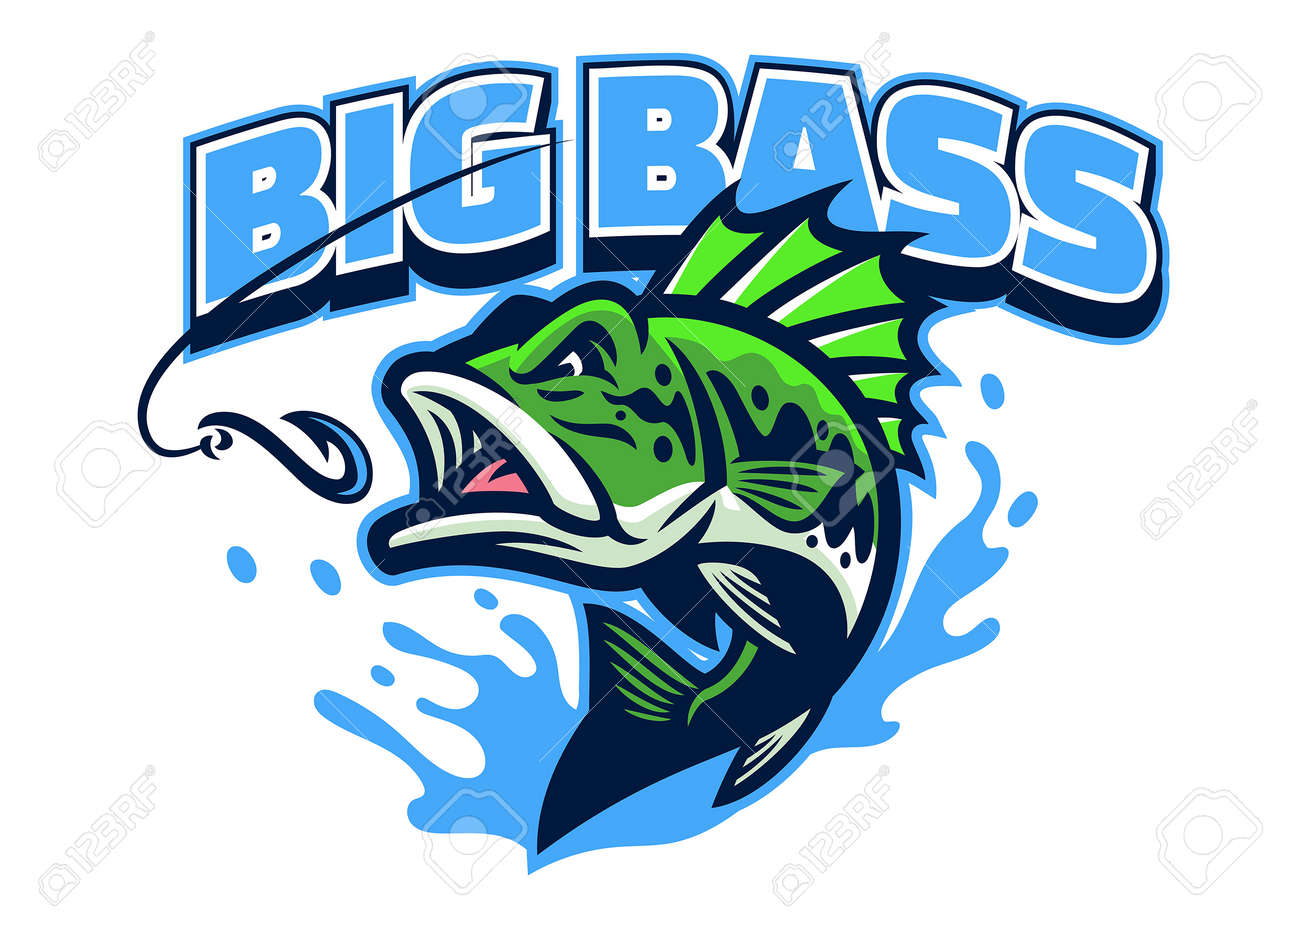 Largemouth bass fish mascot - 169099657